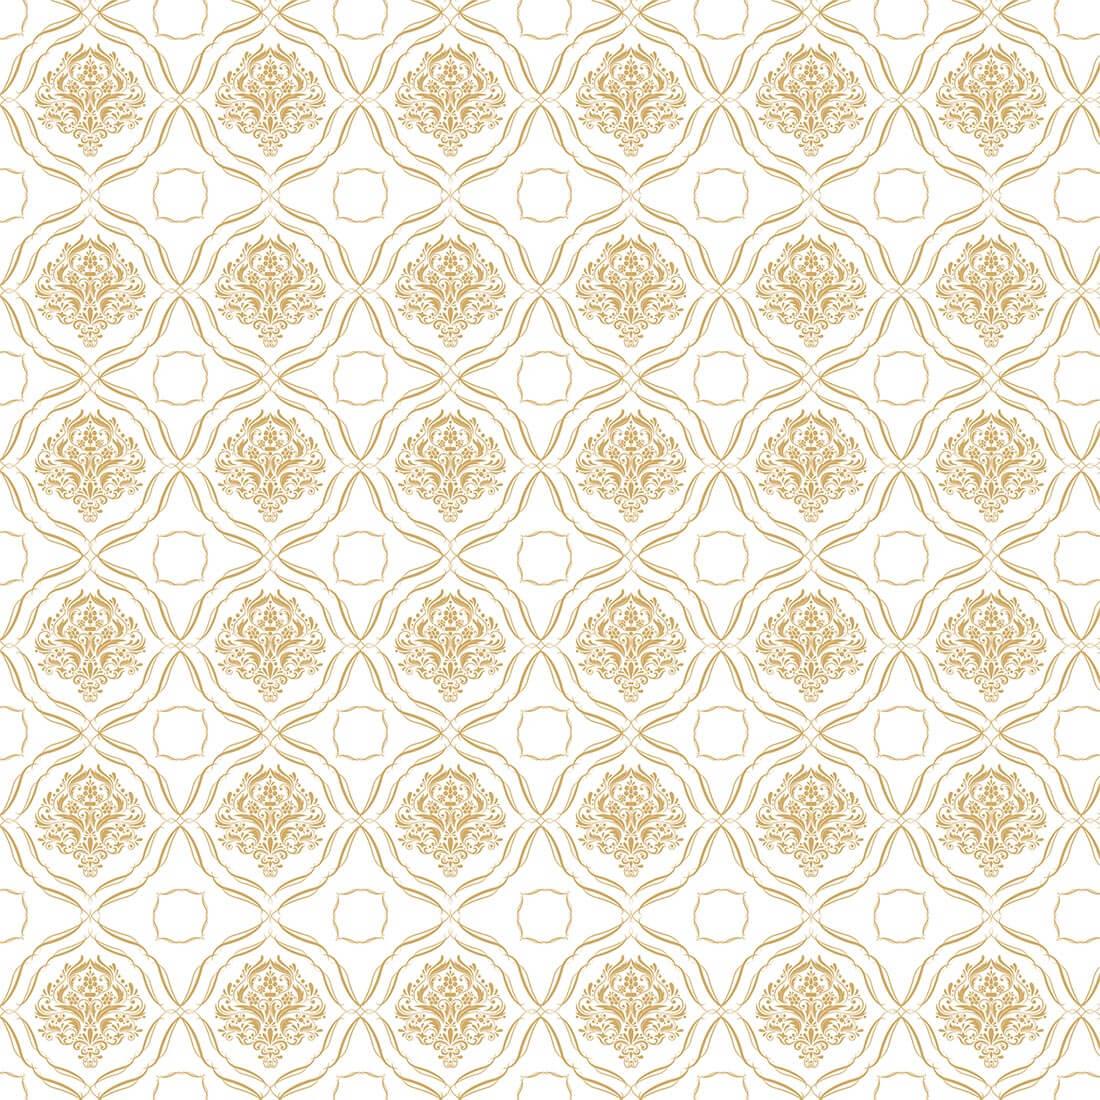 Papel de Parede Arabesco Jacquard Ouro Envelhecido Sobre Branco